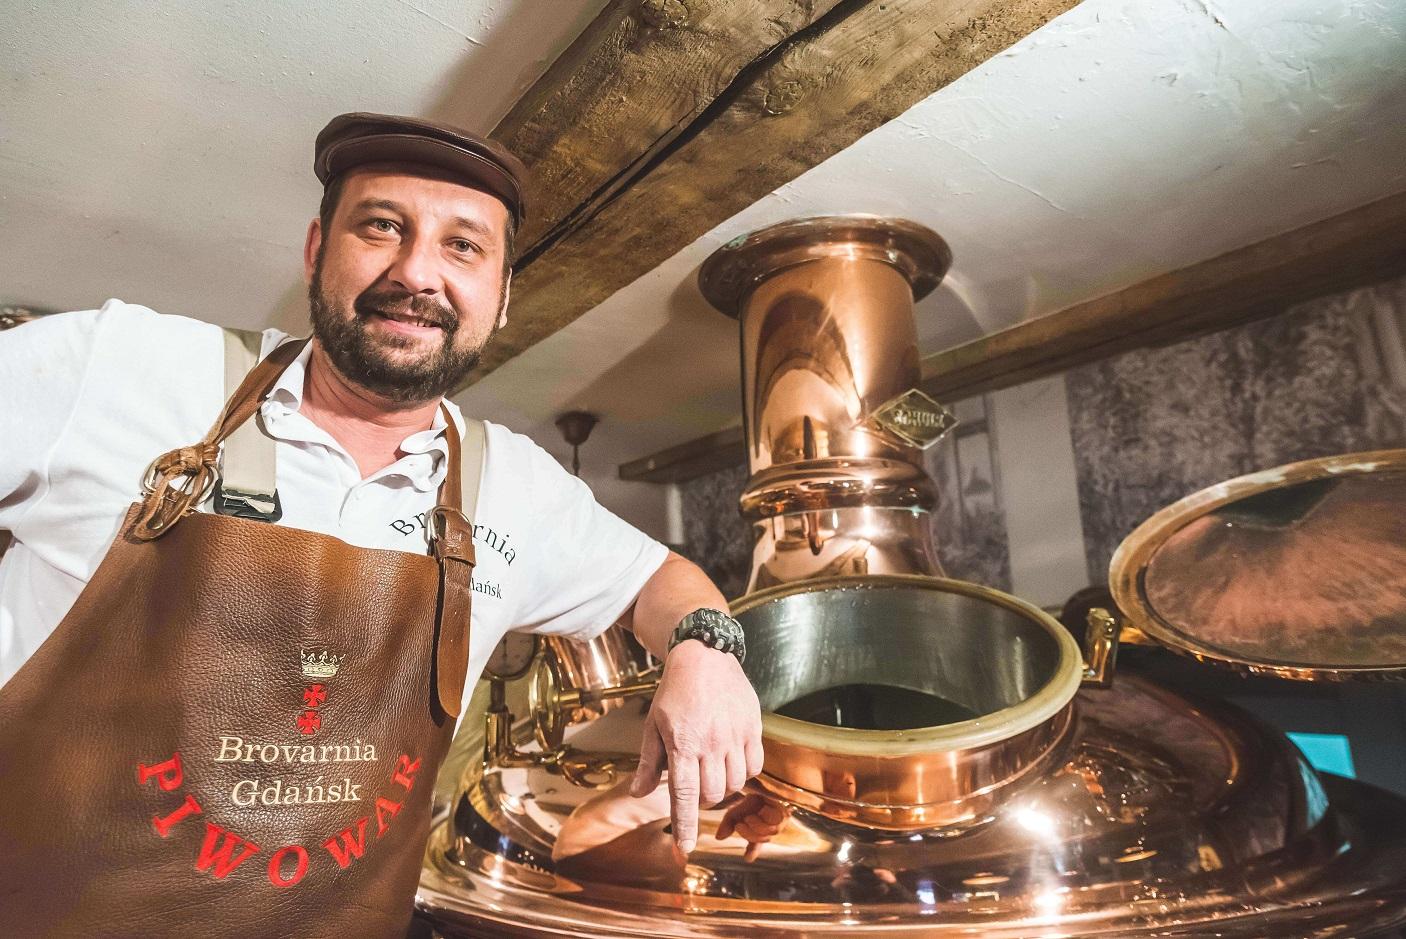 Brovarnia Gdańsk 3 1 - Pomorze pełne tradycyjnych smaków